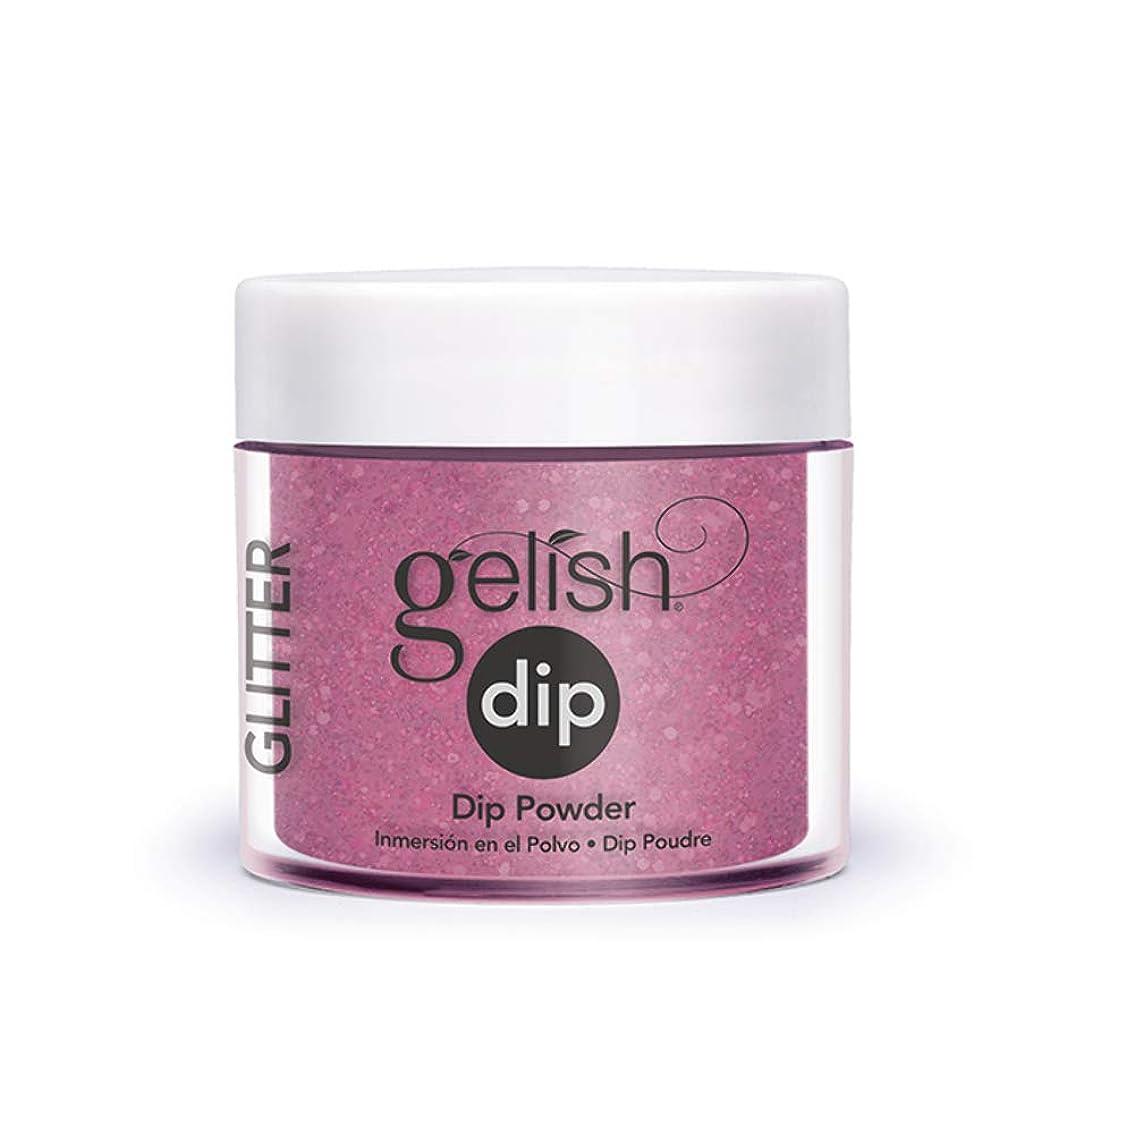 十代の若者たち壊滅的な入植者Harmony Gelish - Acrylic Dip Powder - Too Tough to be Sweet - 23g / 0.8oz